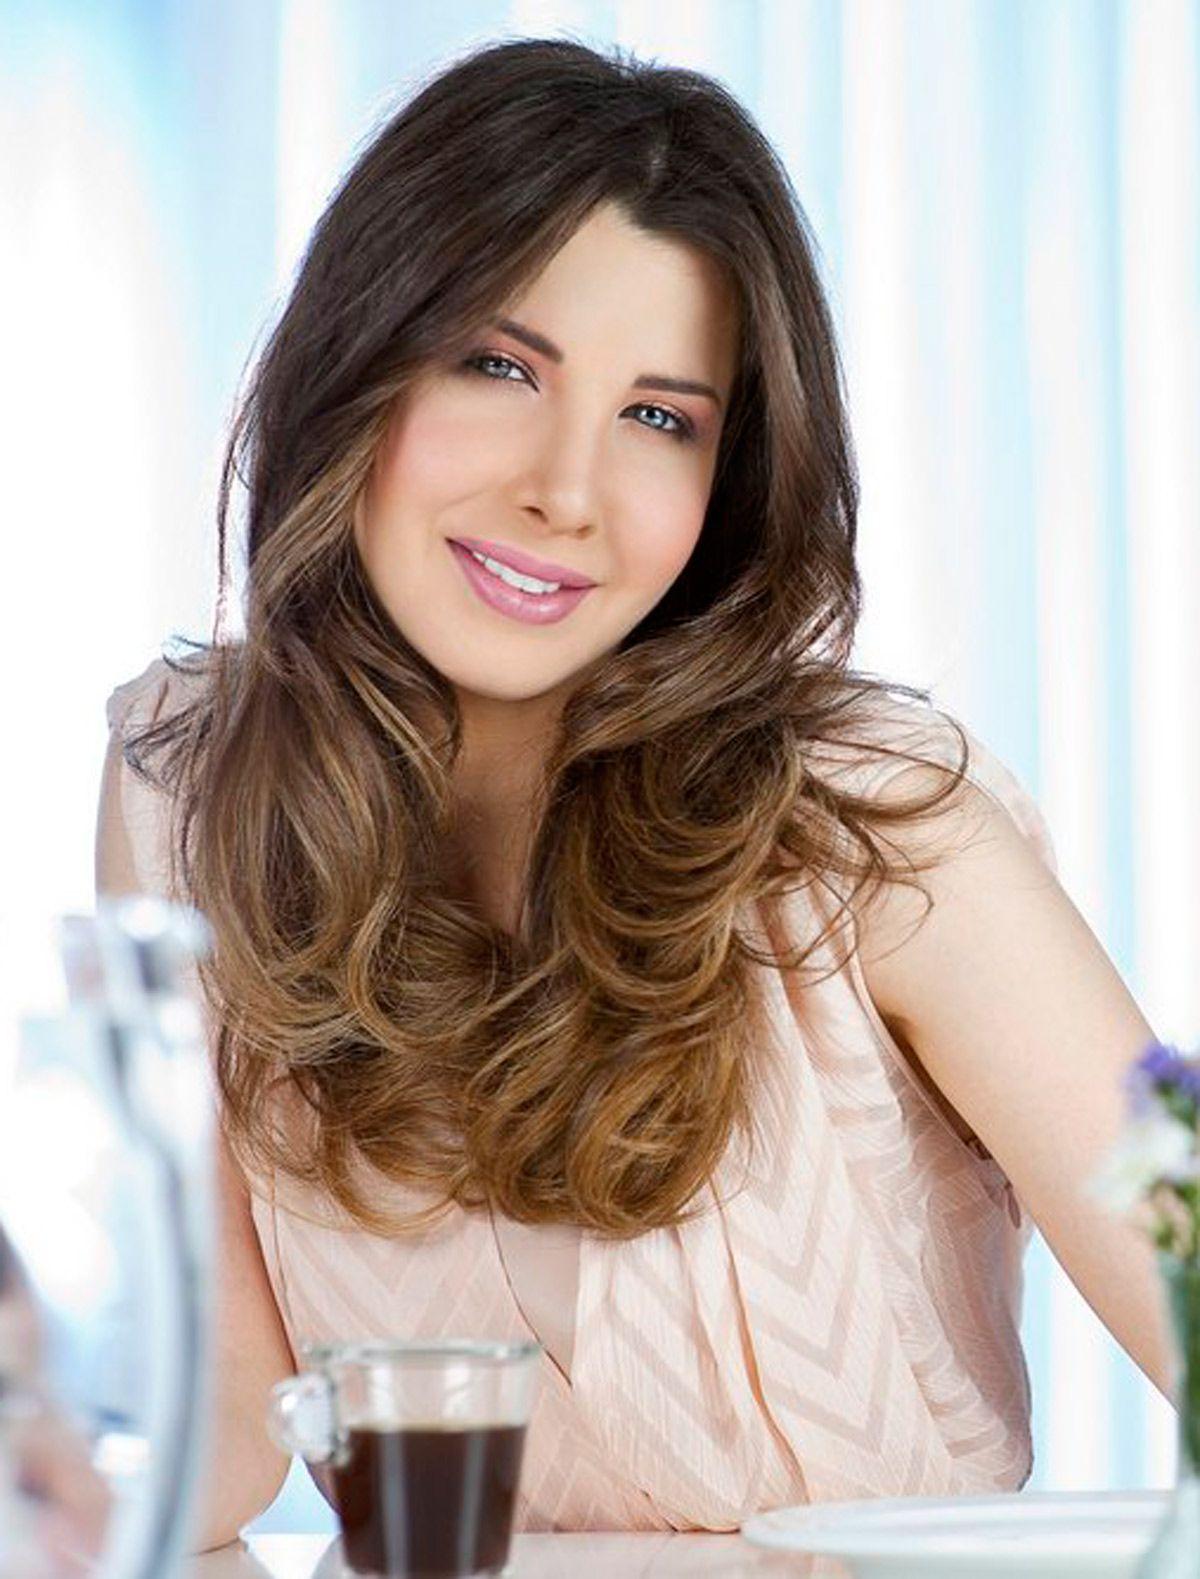 #NancyAjram#FadyKataya #Beautylounge #Beirut | Celebrities ...